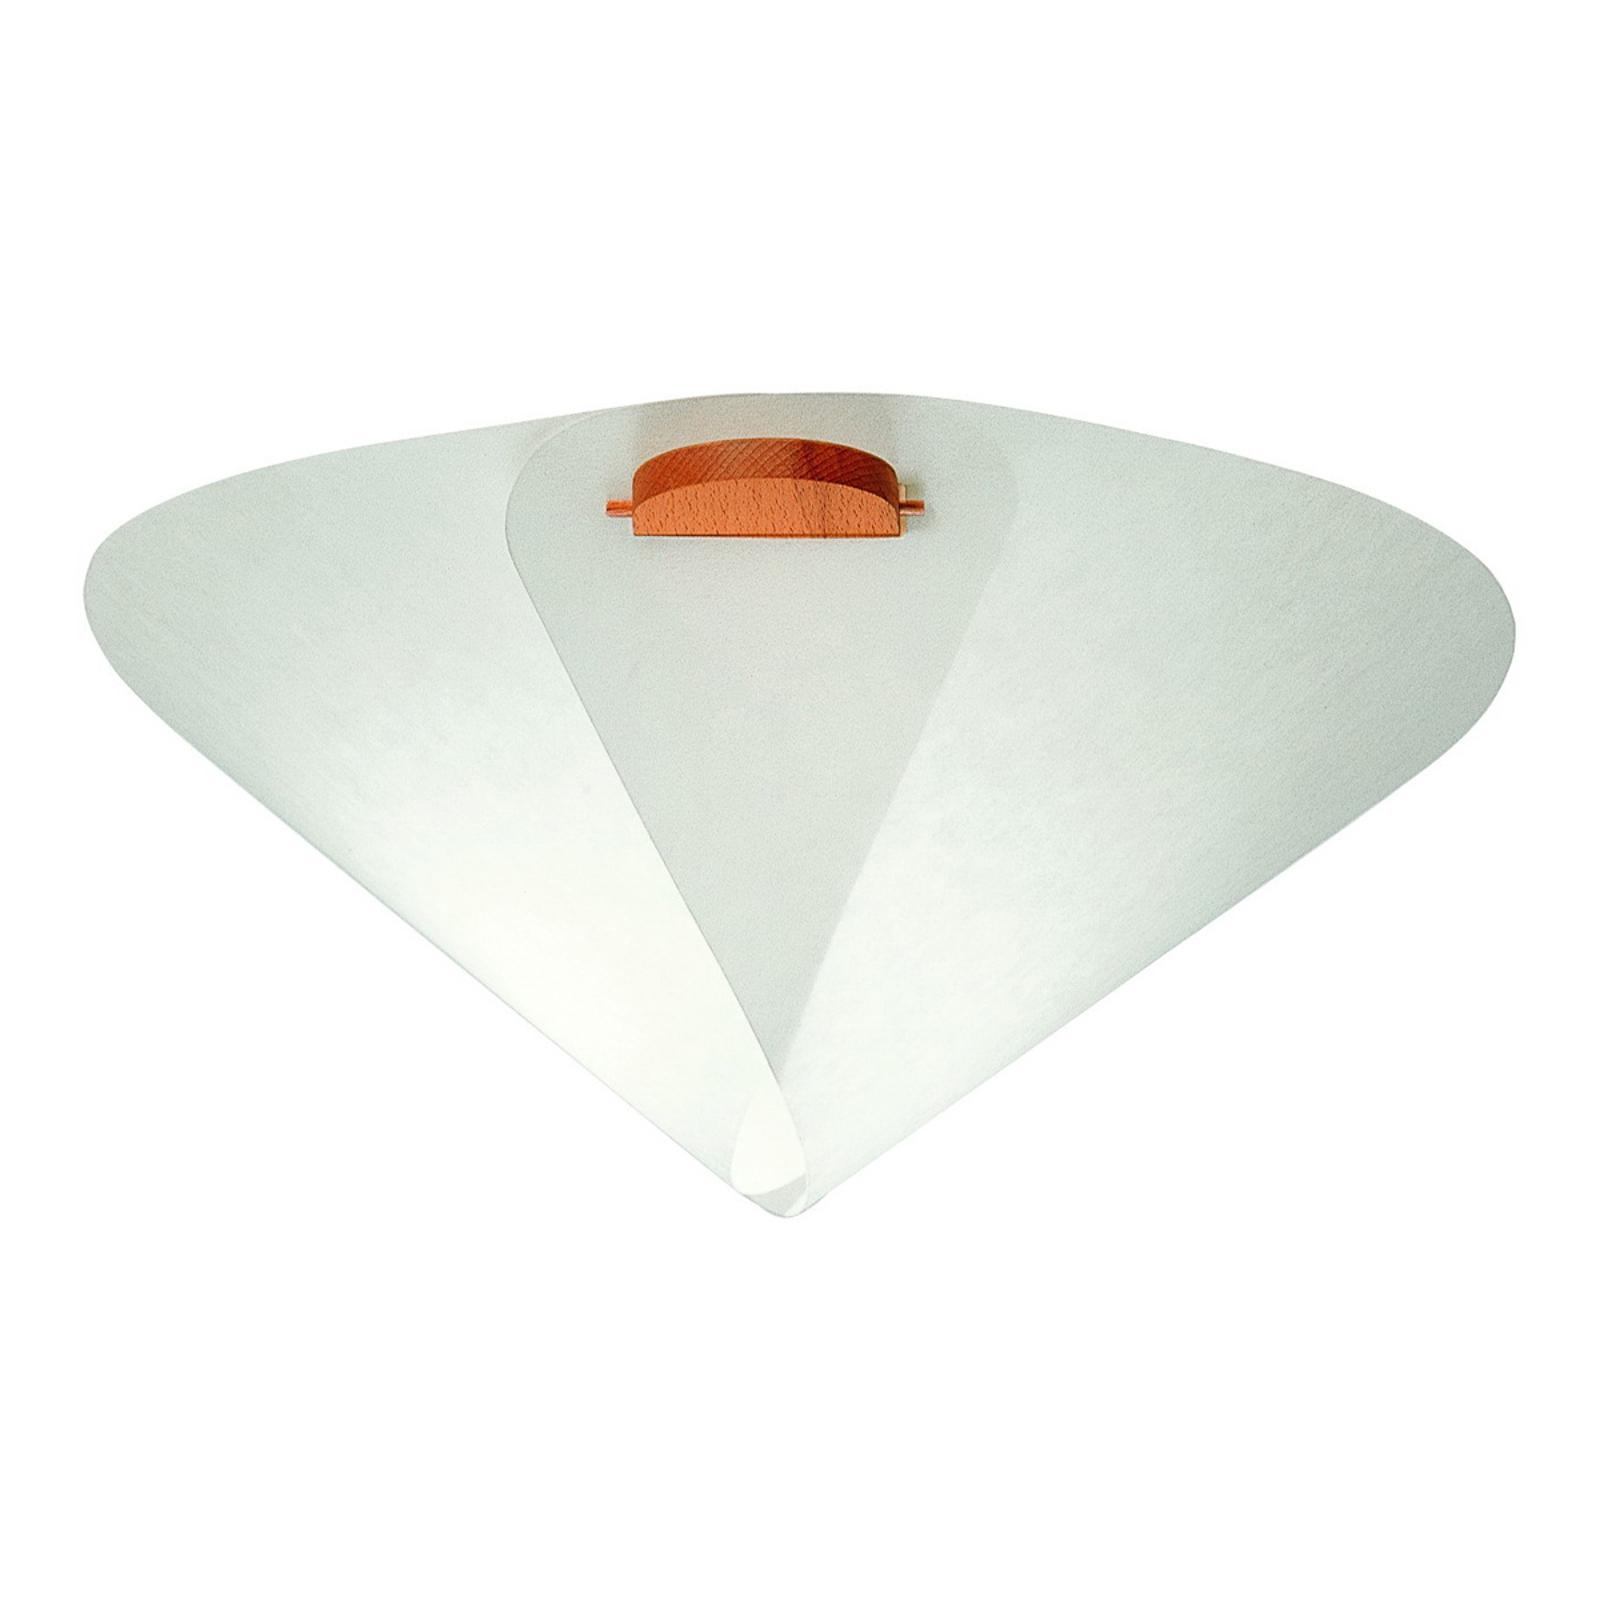 Kužeľovité dizajnérske stropné svietidlo IRIS_2600035_1